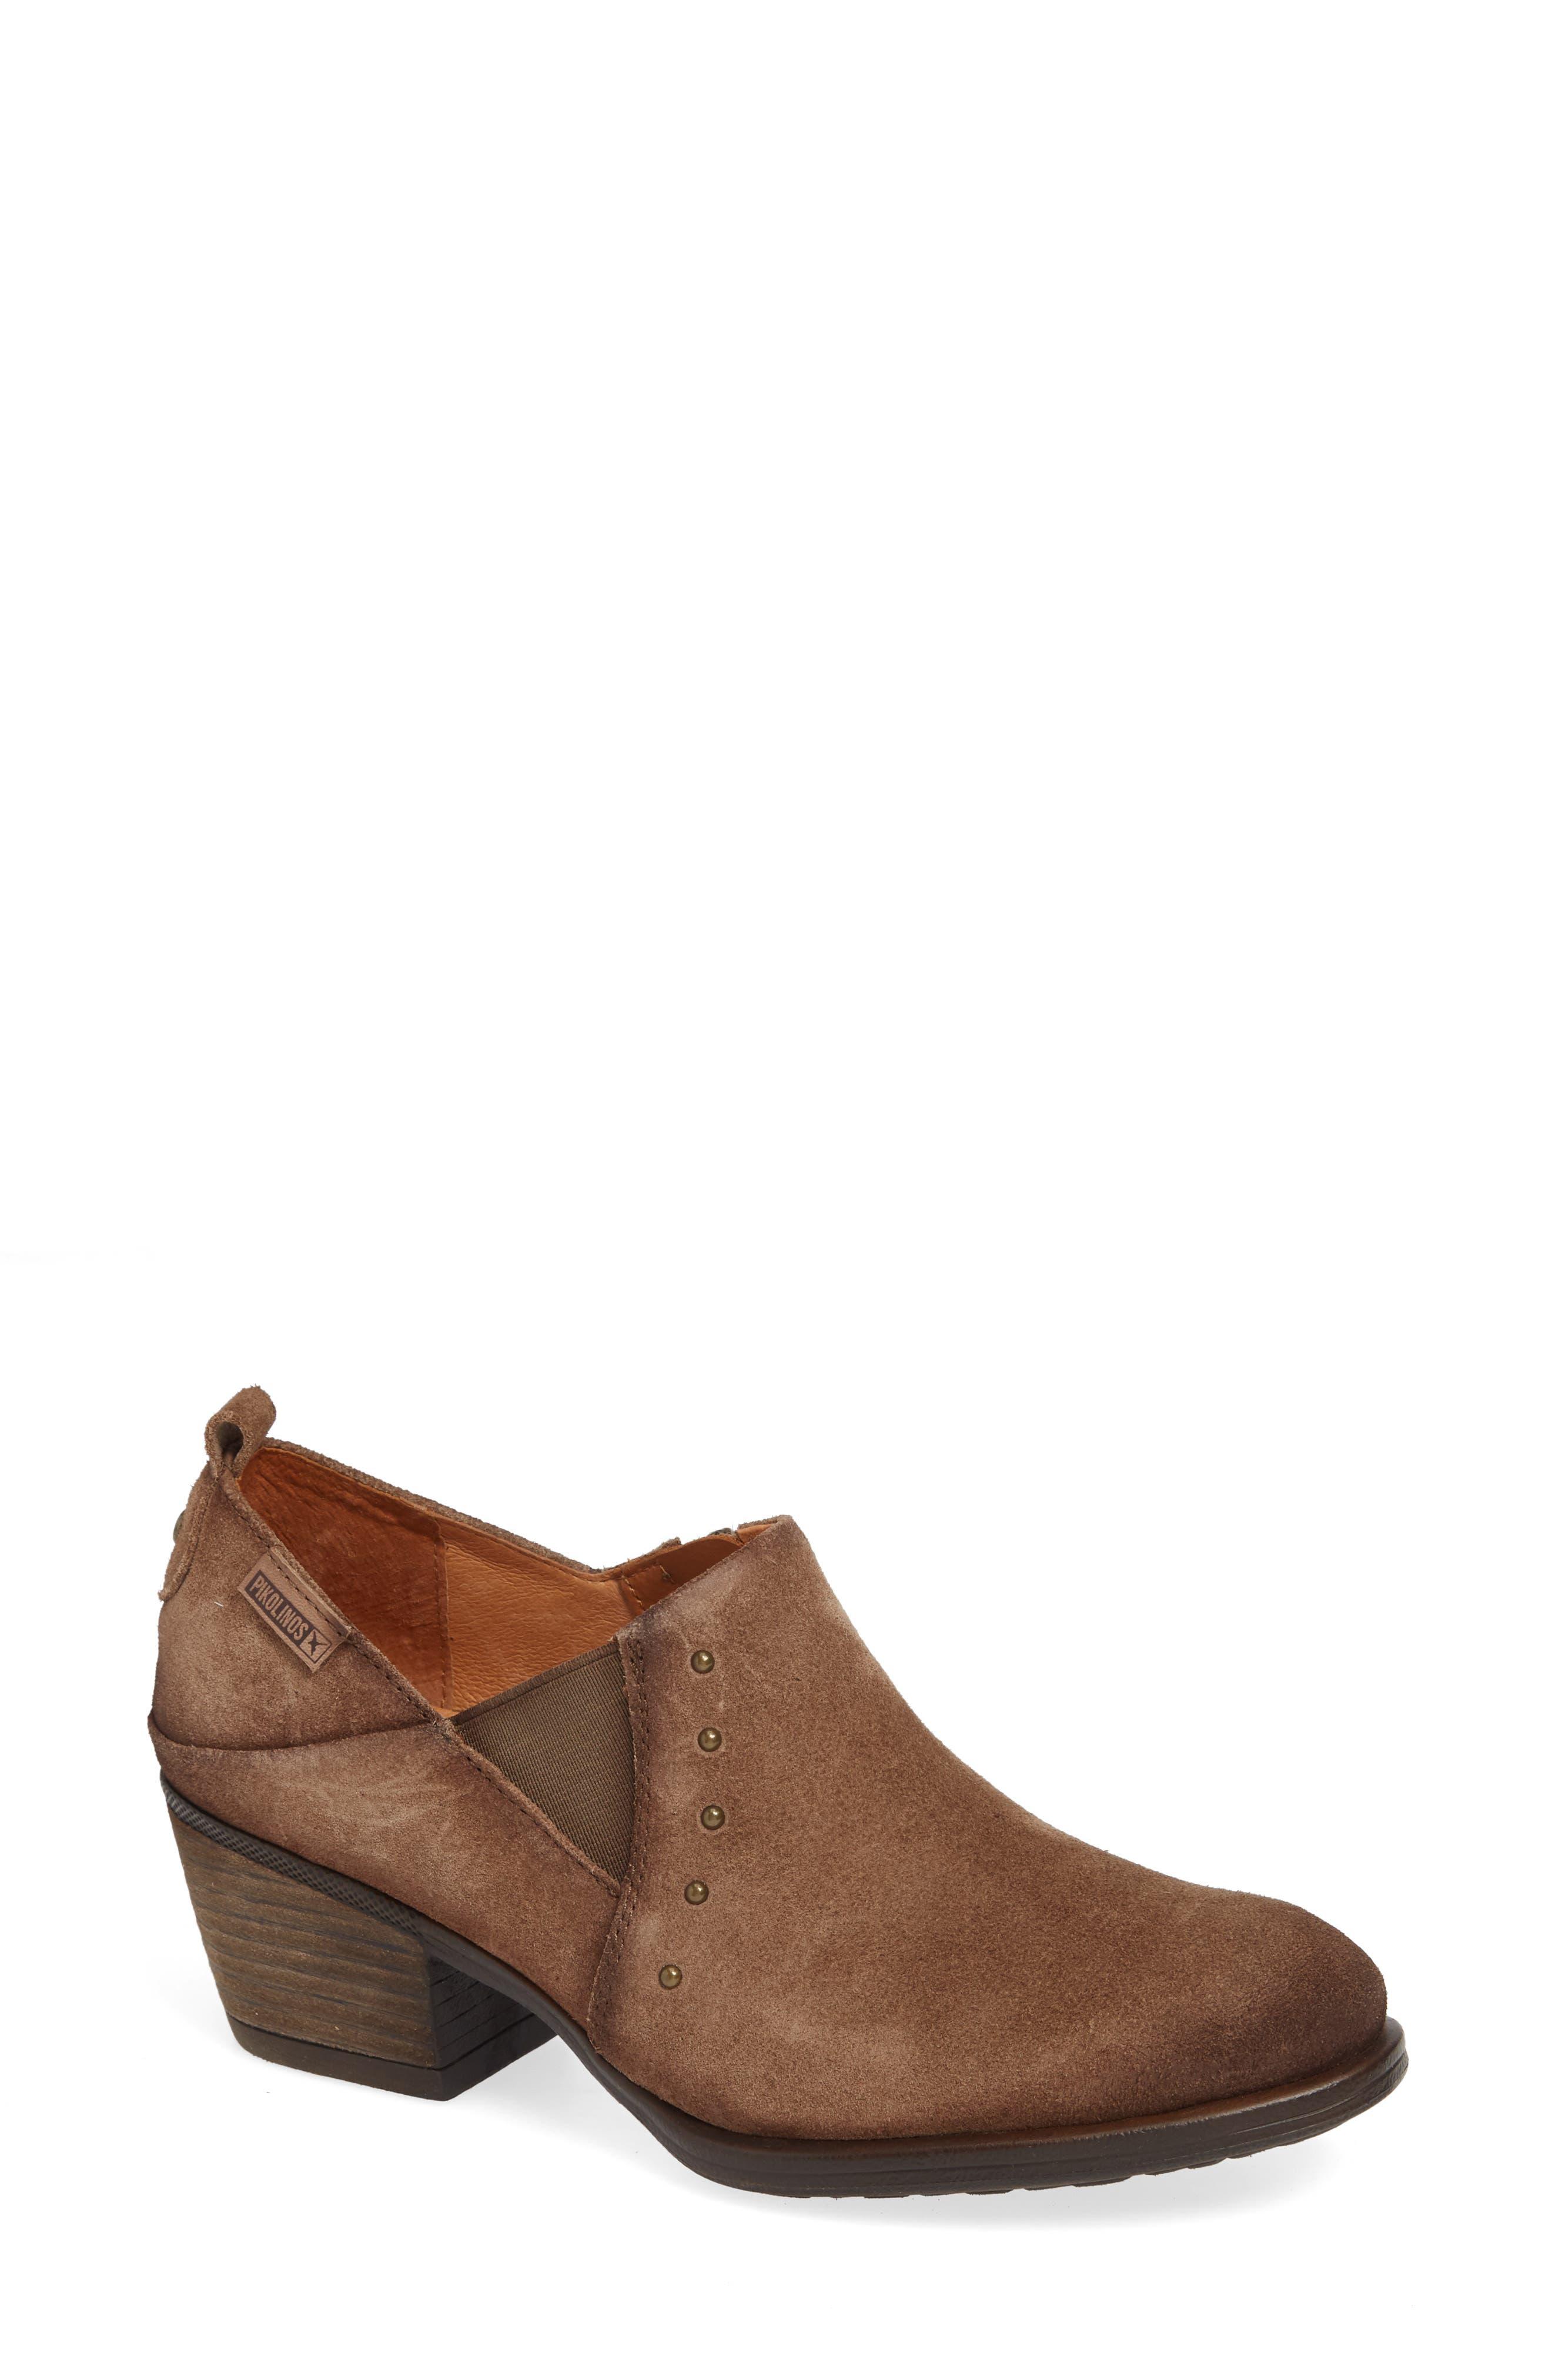 Baquiera Ankle Bootie,                         Main,                         color, STONE SUEDE